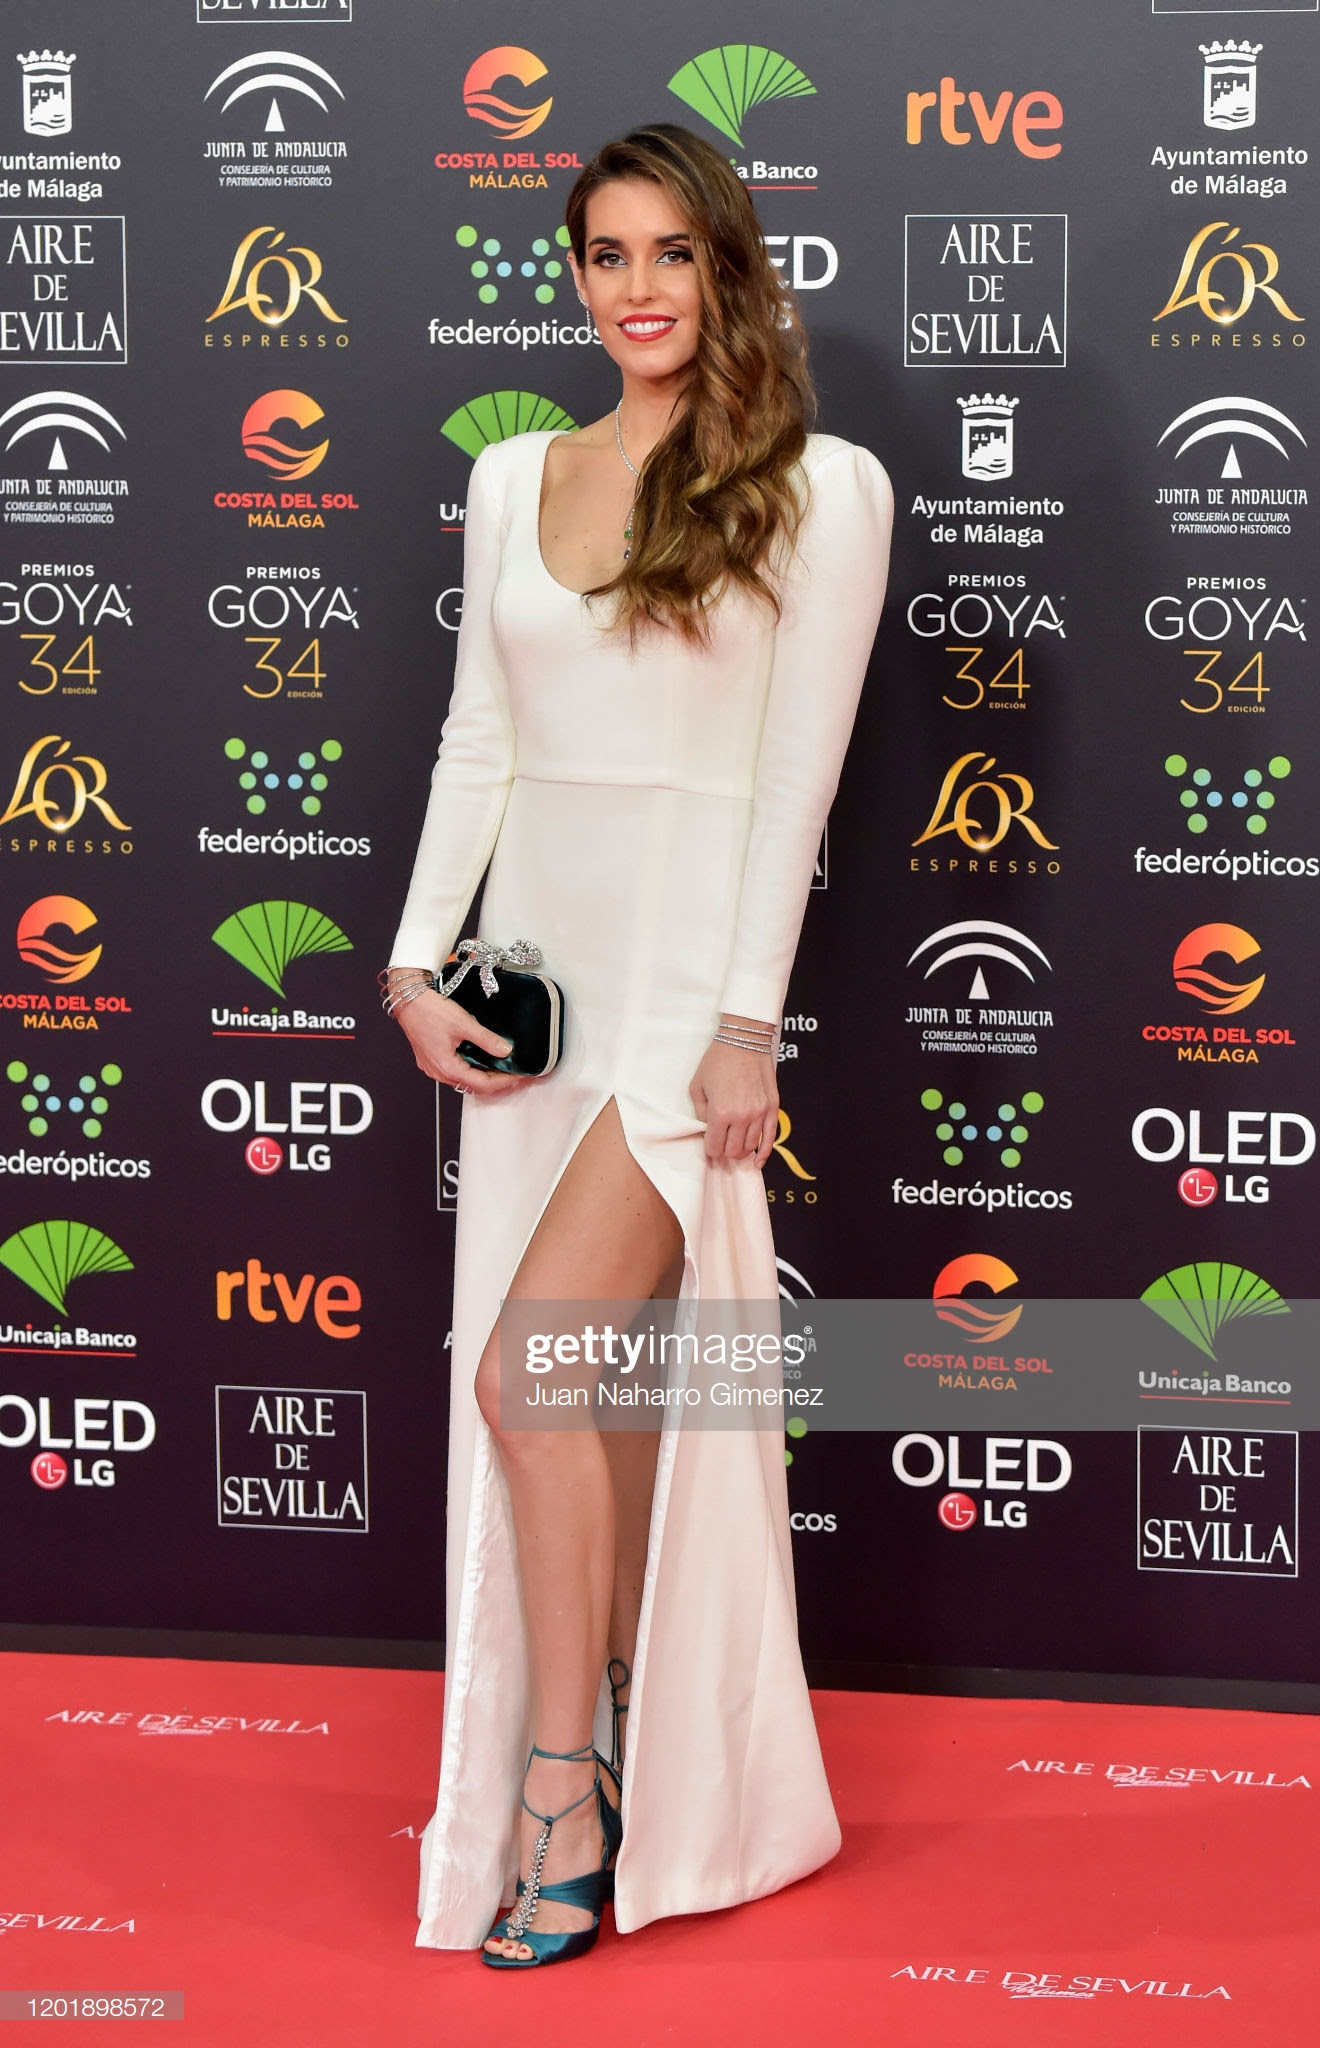 f4bf592a 02f7 417b a7d9 438de7148367 - Premios Goya 2020 : Looks de todas las celebrities que lucieron  marcas de Replica